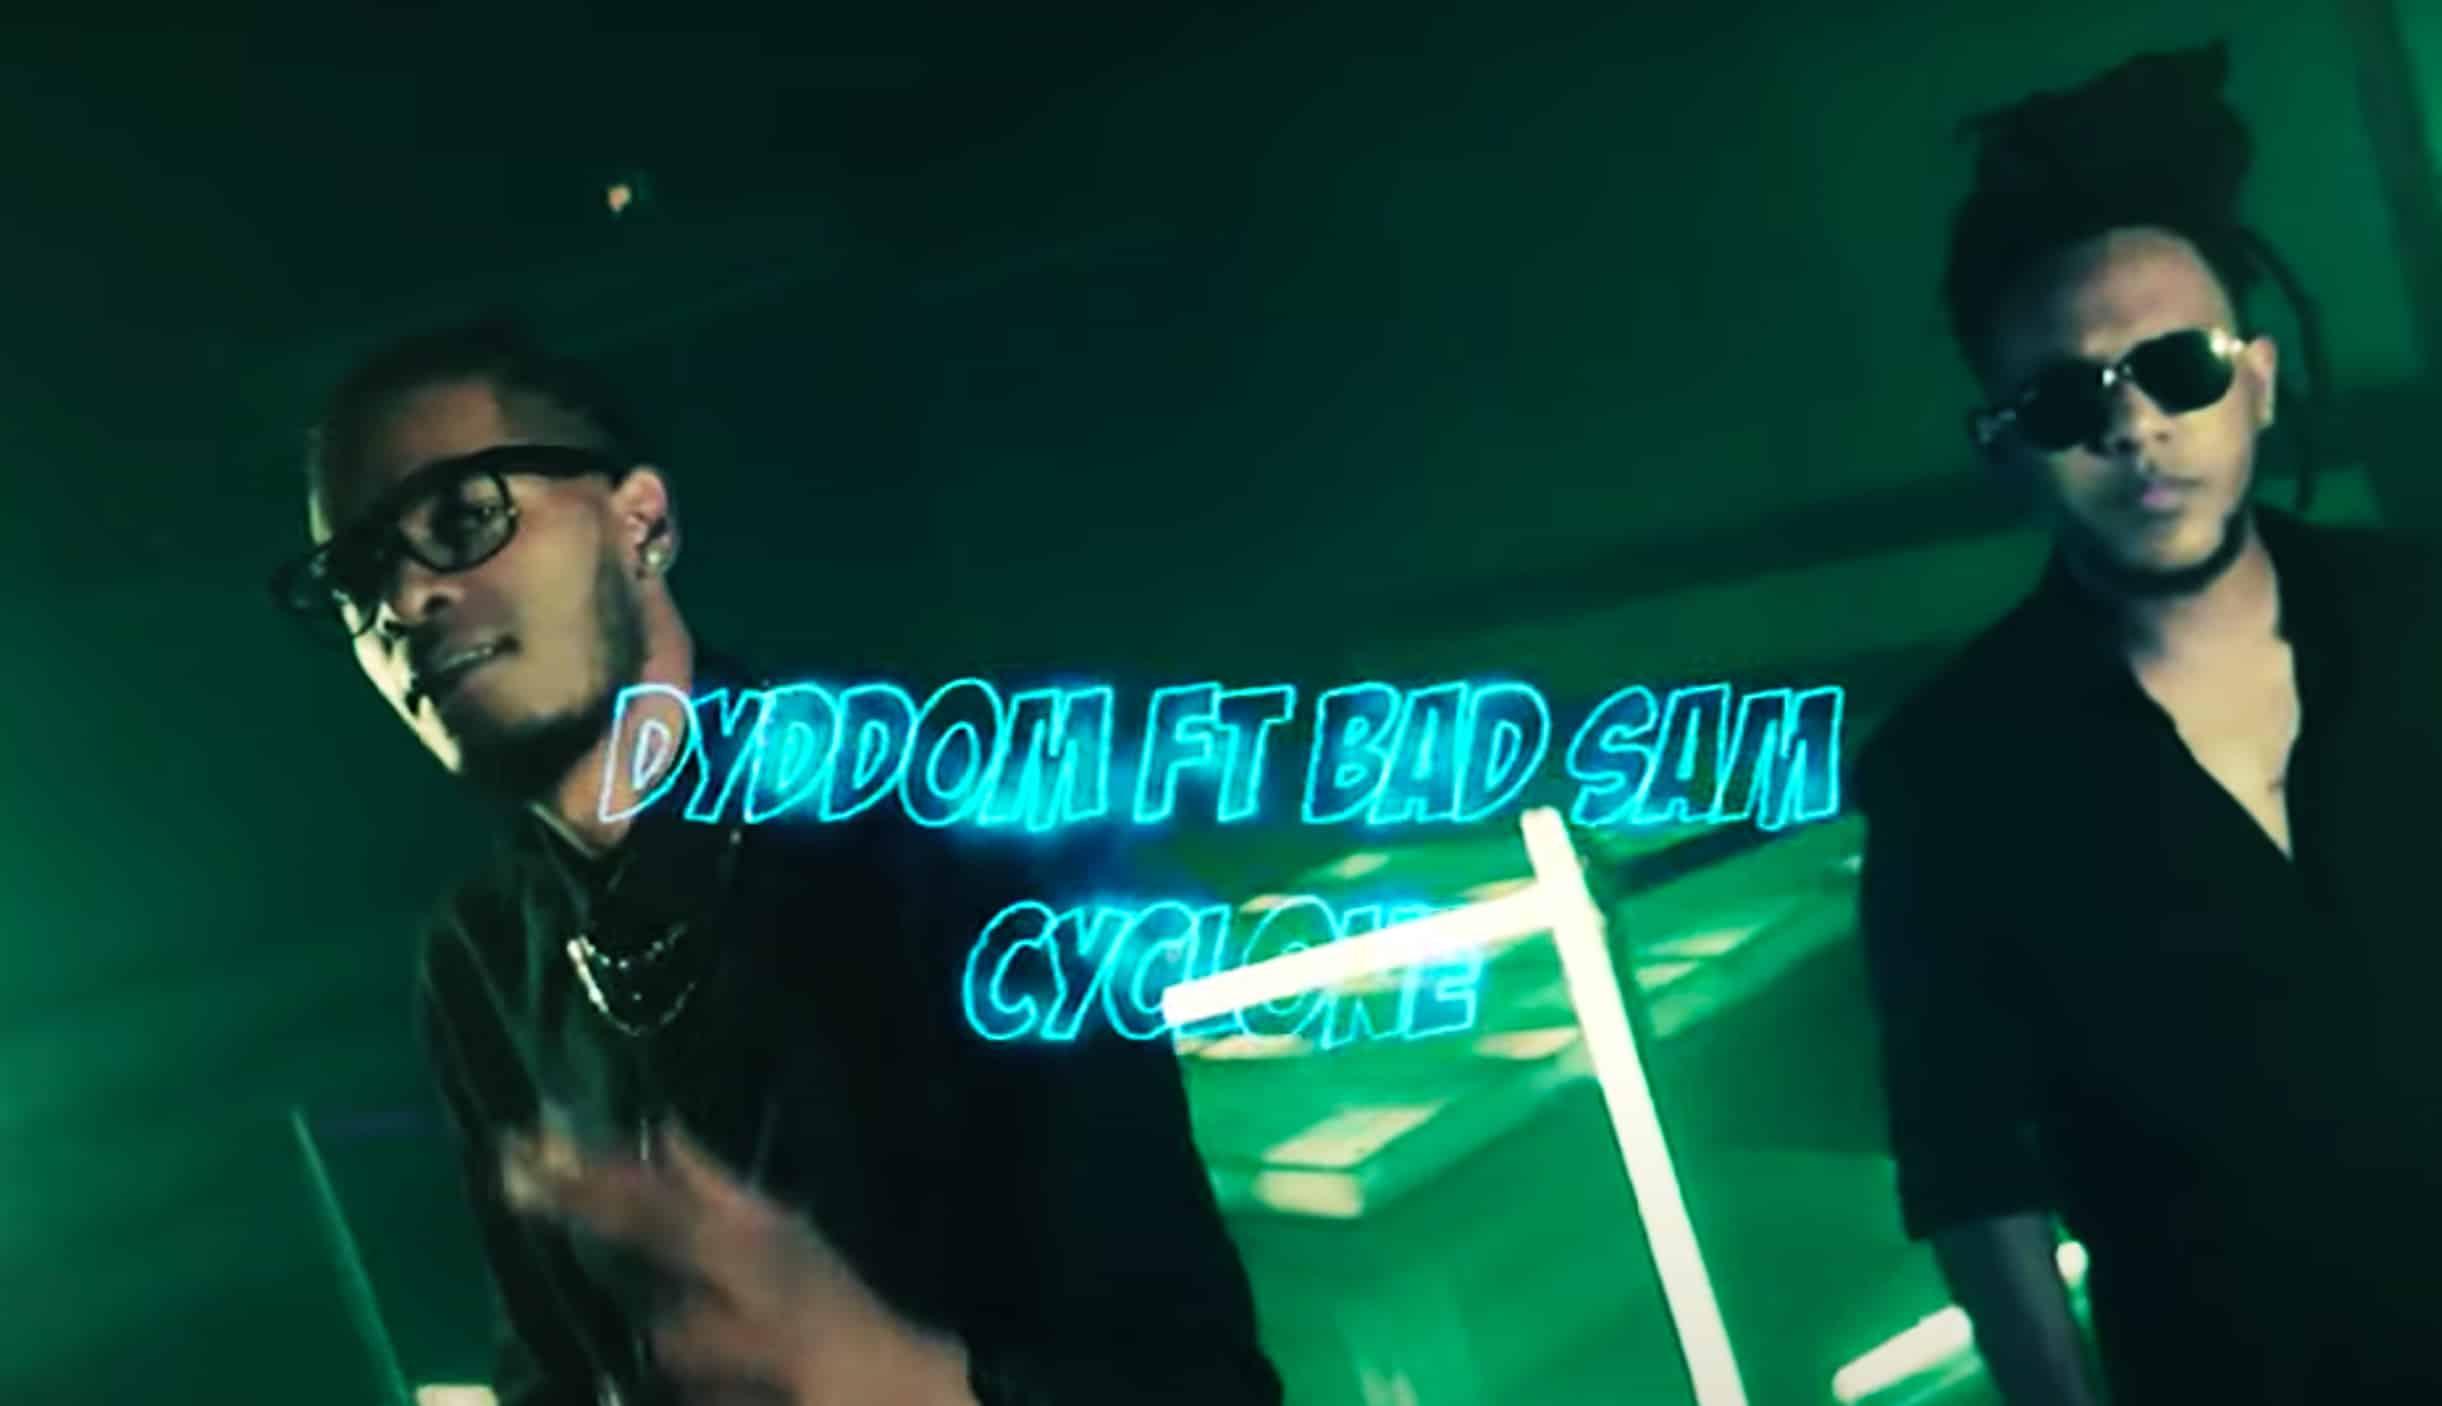 """Dyddom et Bad Sam provoquent un """"Cyclone"""" avec leur nouveau clip"""